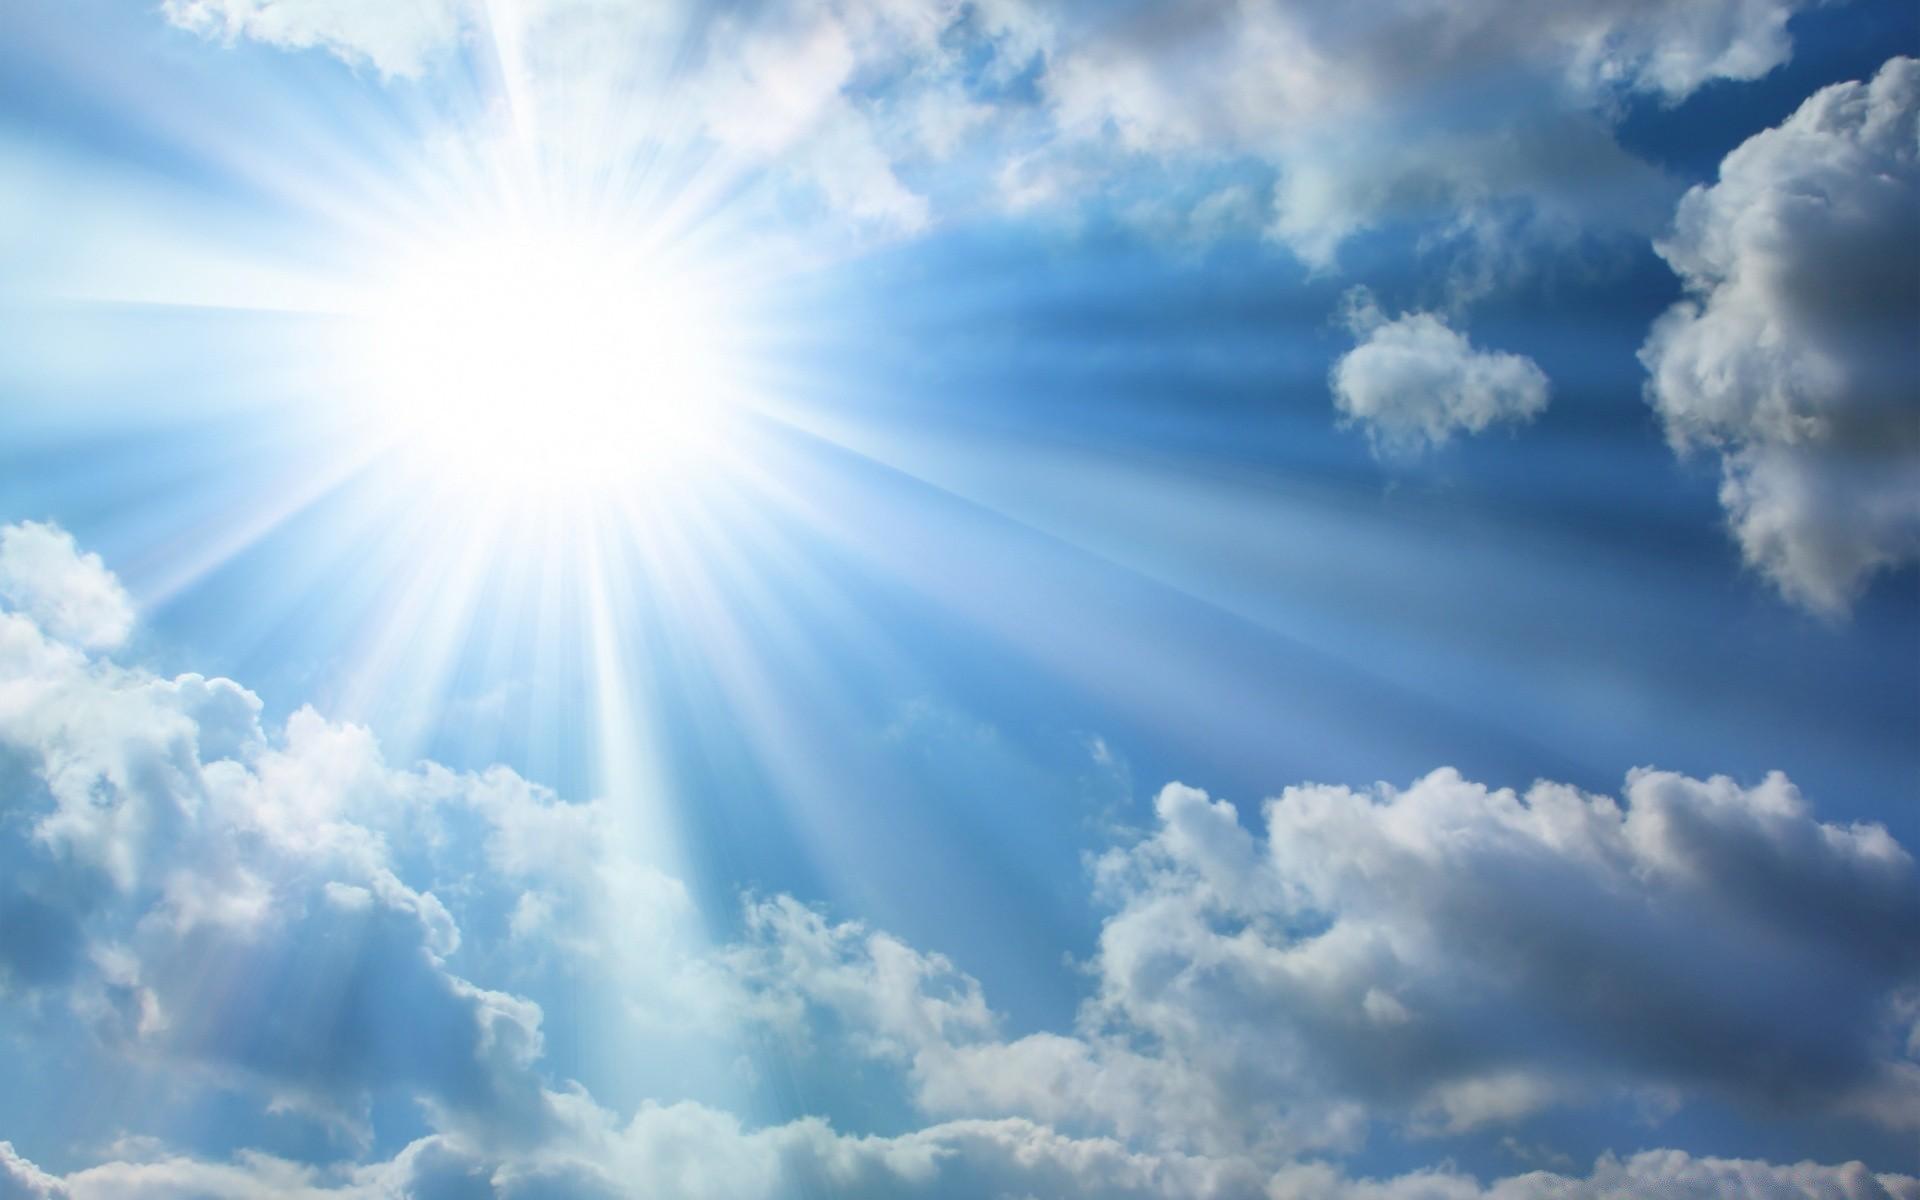 По-весняному тепло та без опадів: погода на 17 грудня на Київщині - прогноз погоди, погода - 1712 pogoda2